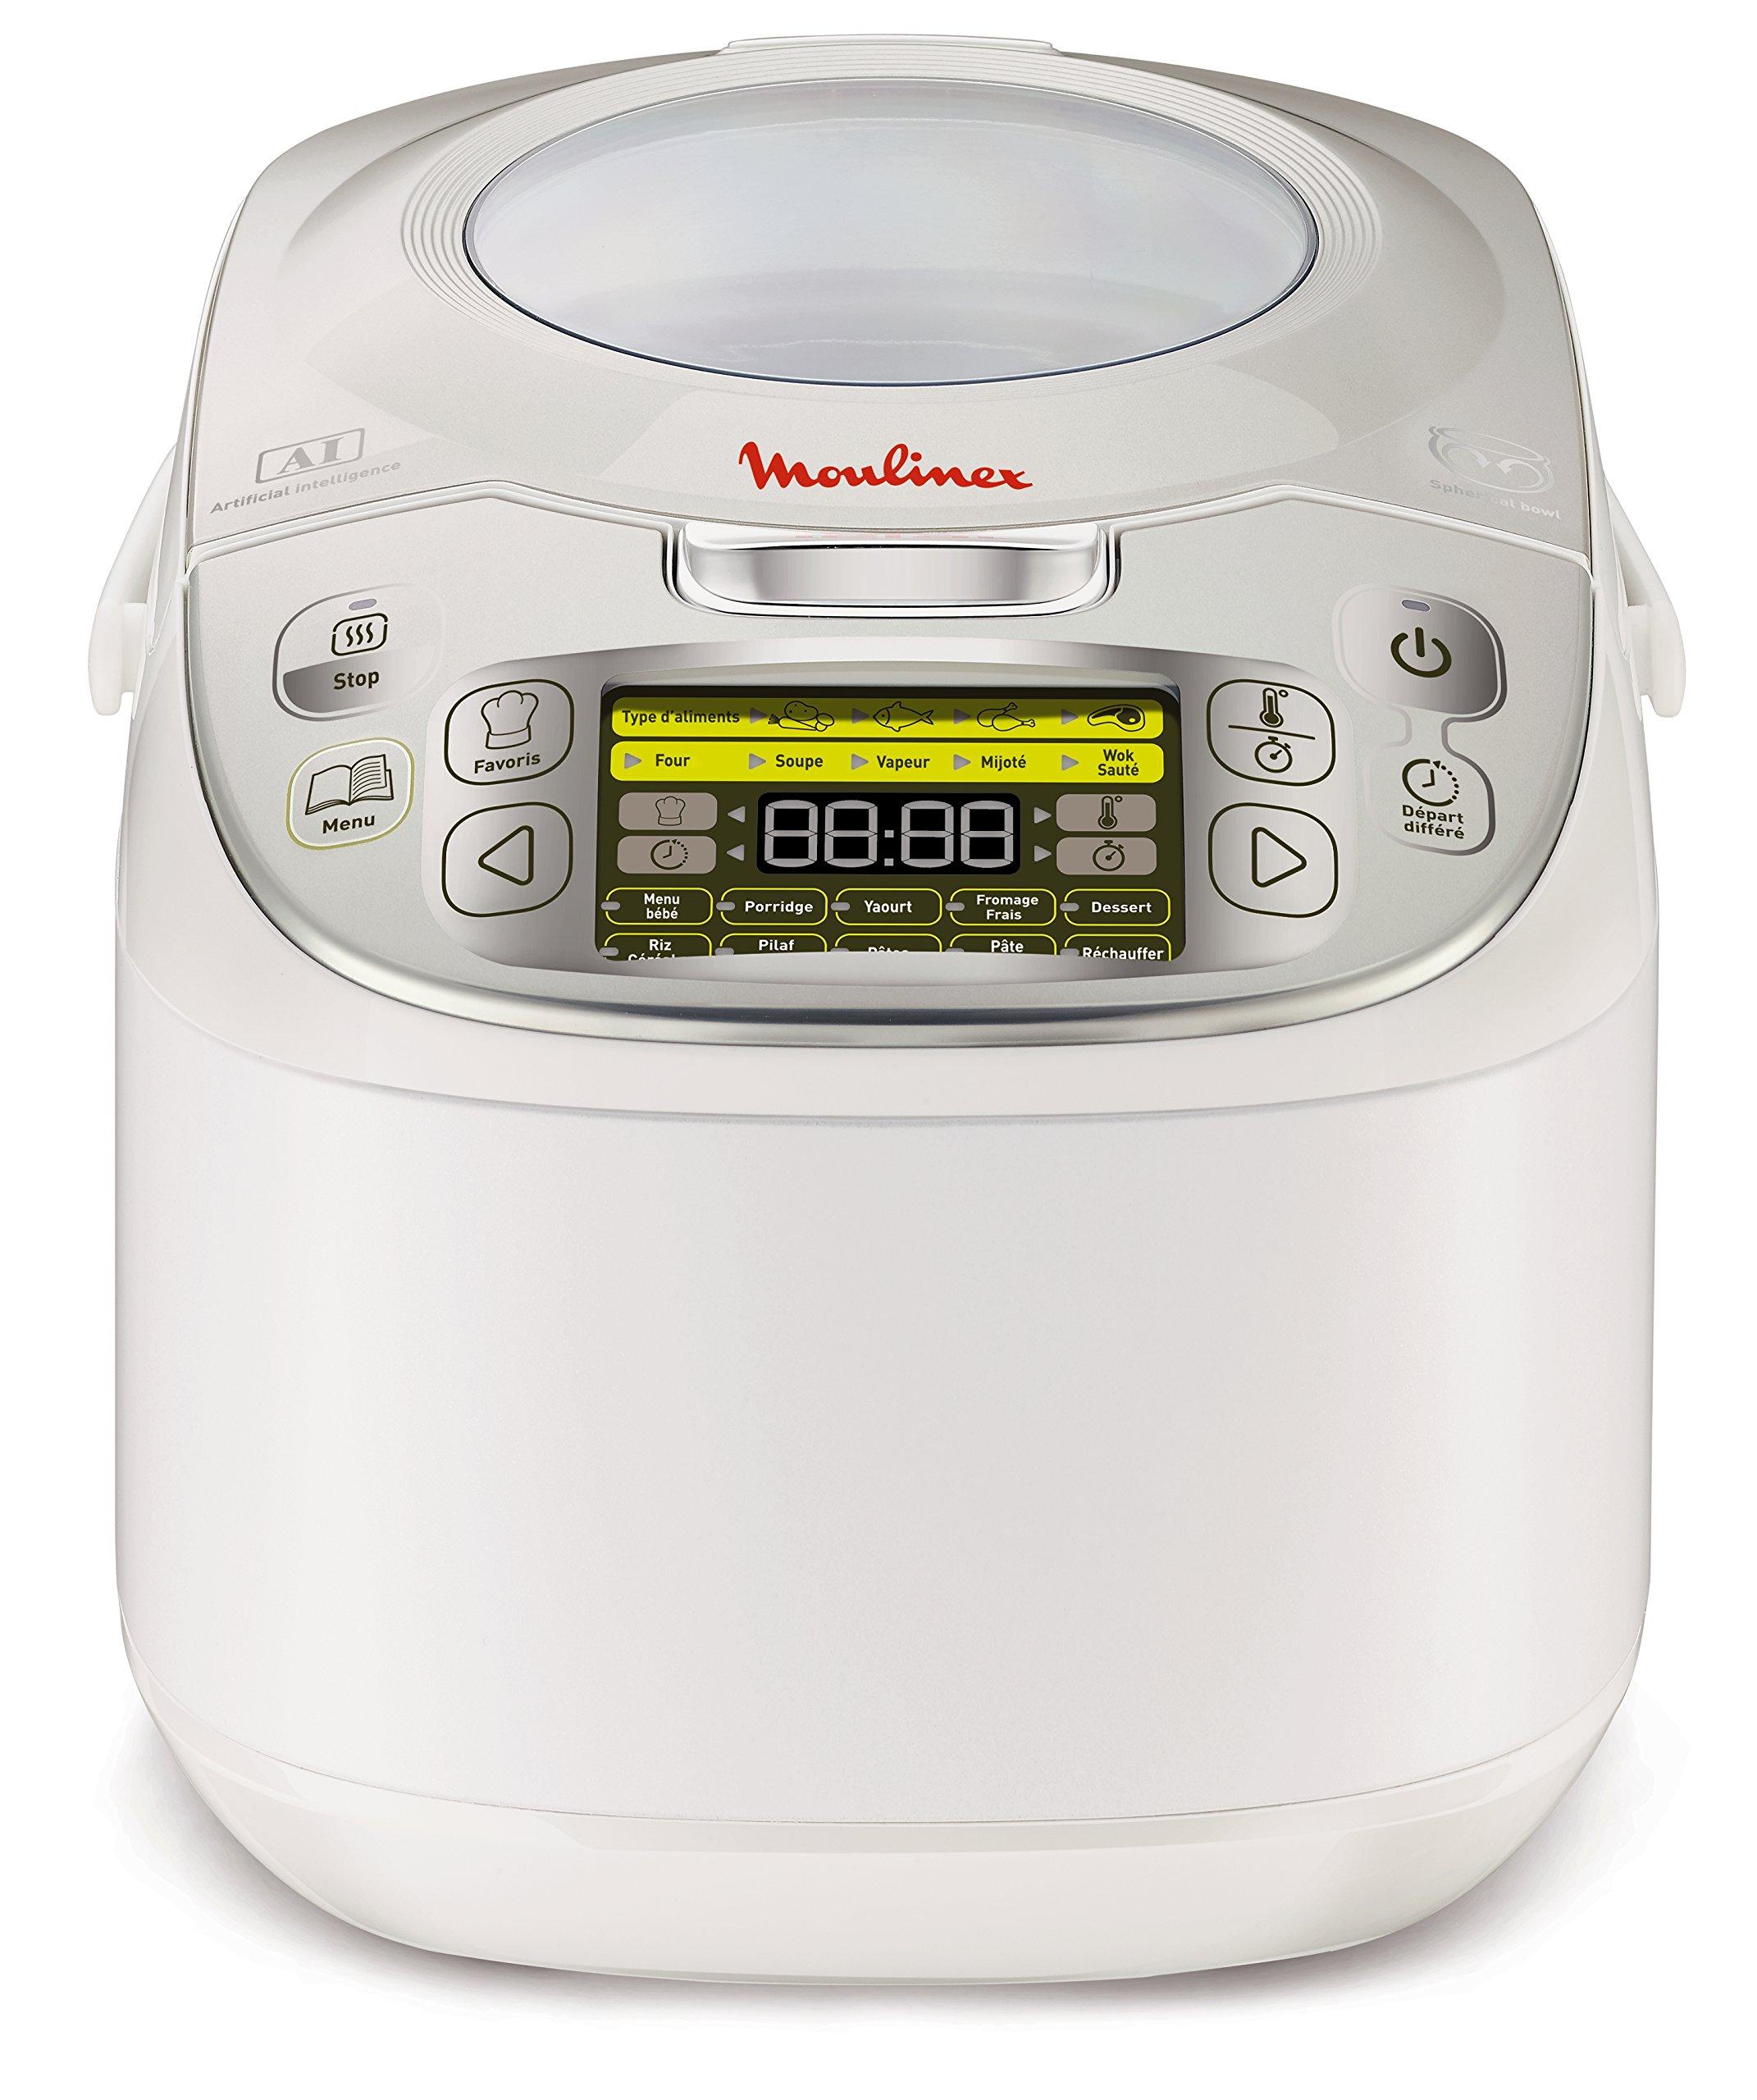 Moulinex MK812101 Multicuiseur Traditionnel 45-en-1 - 5 à 6 Personnes - Argent 5L product image